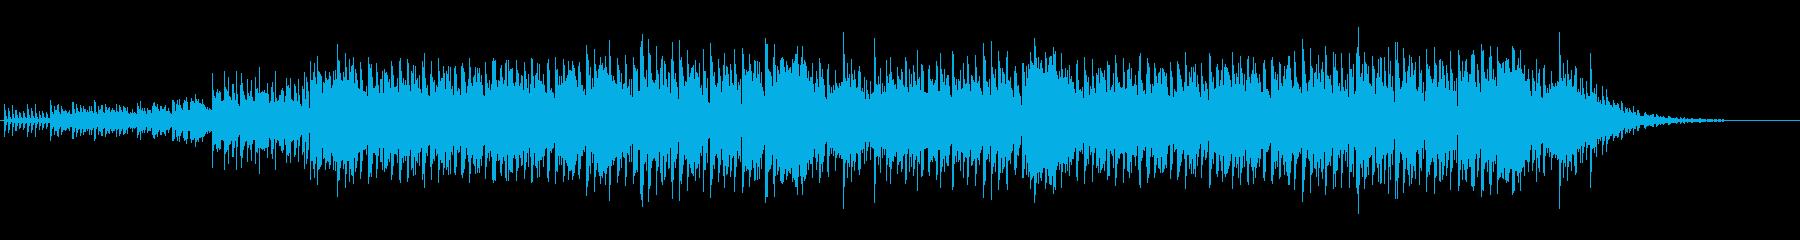 ロックでクラシックなEDMの再生済みの波形